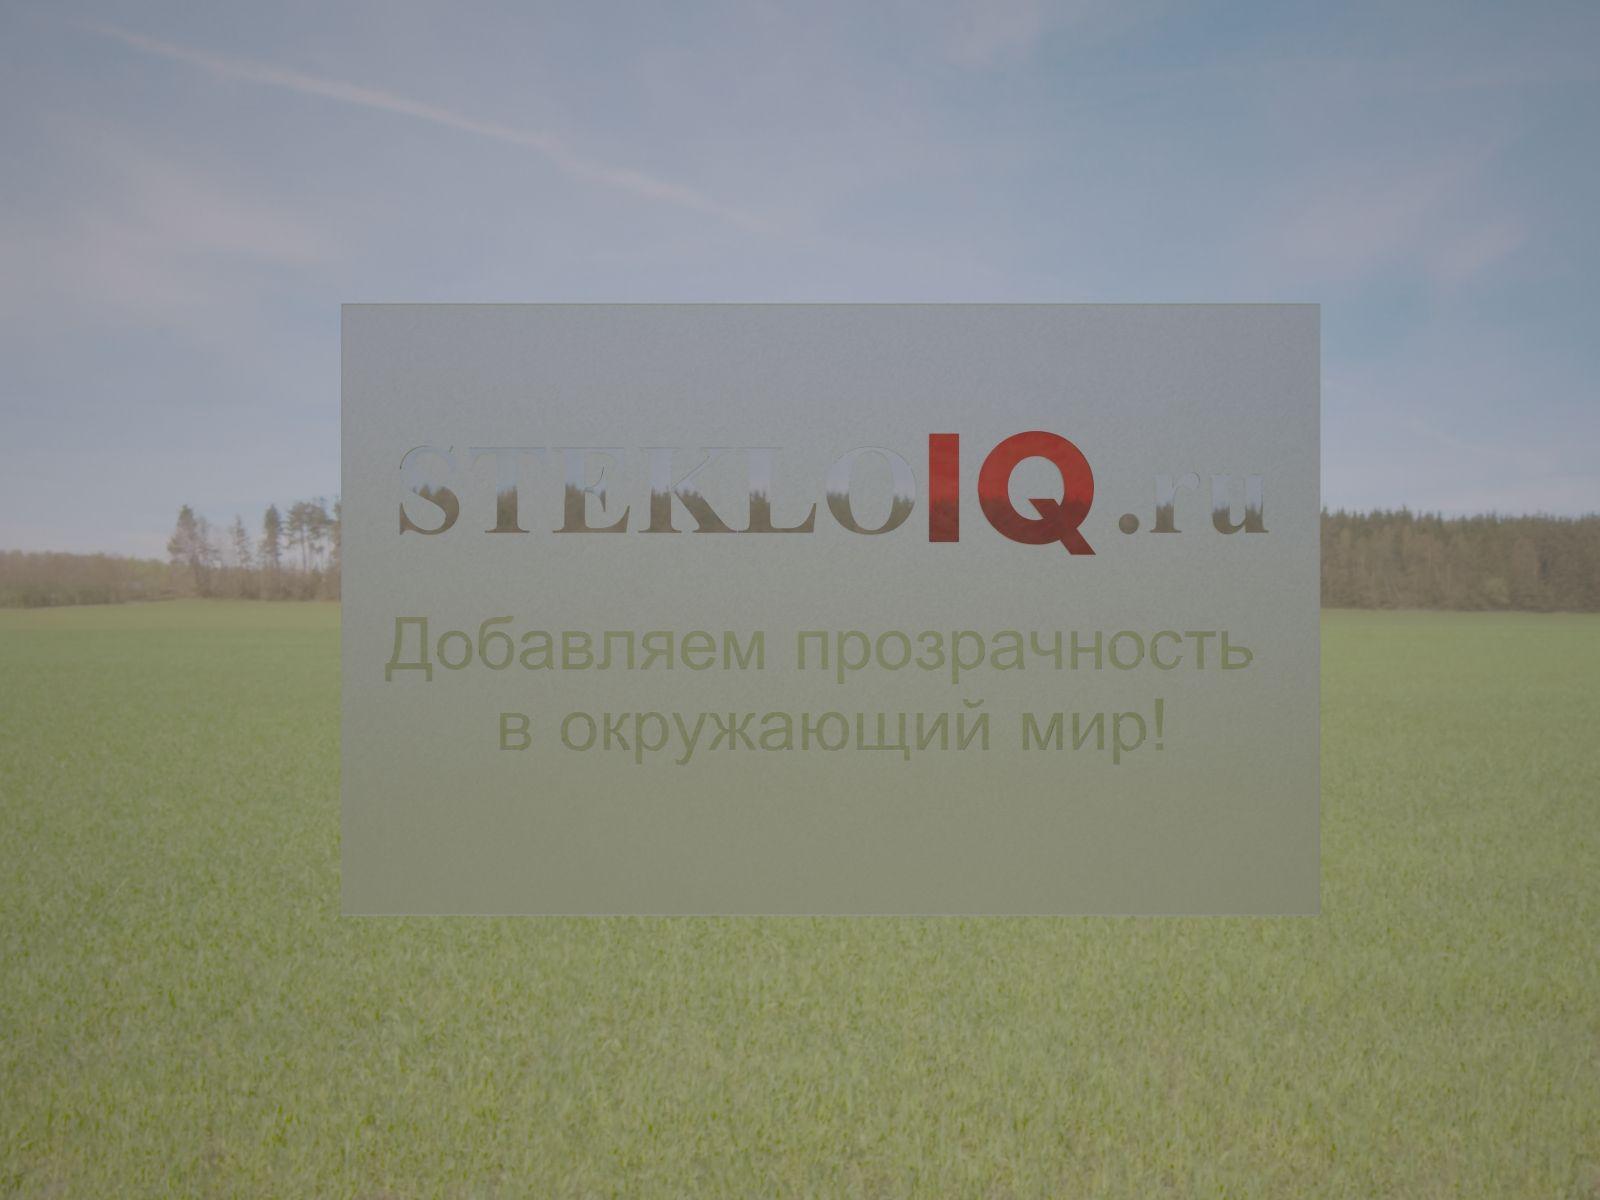 Разработка логотипа для архитектурной студии. - дизайнер manch111